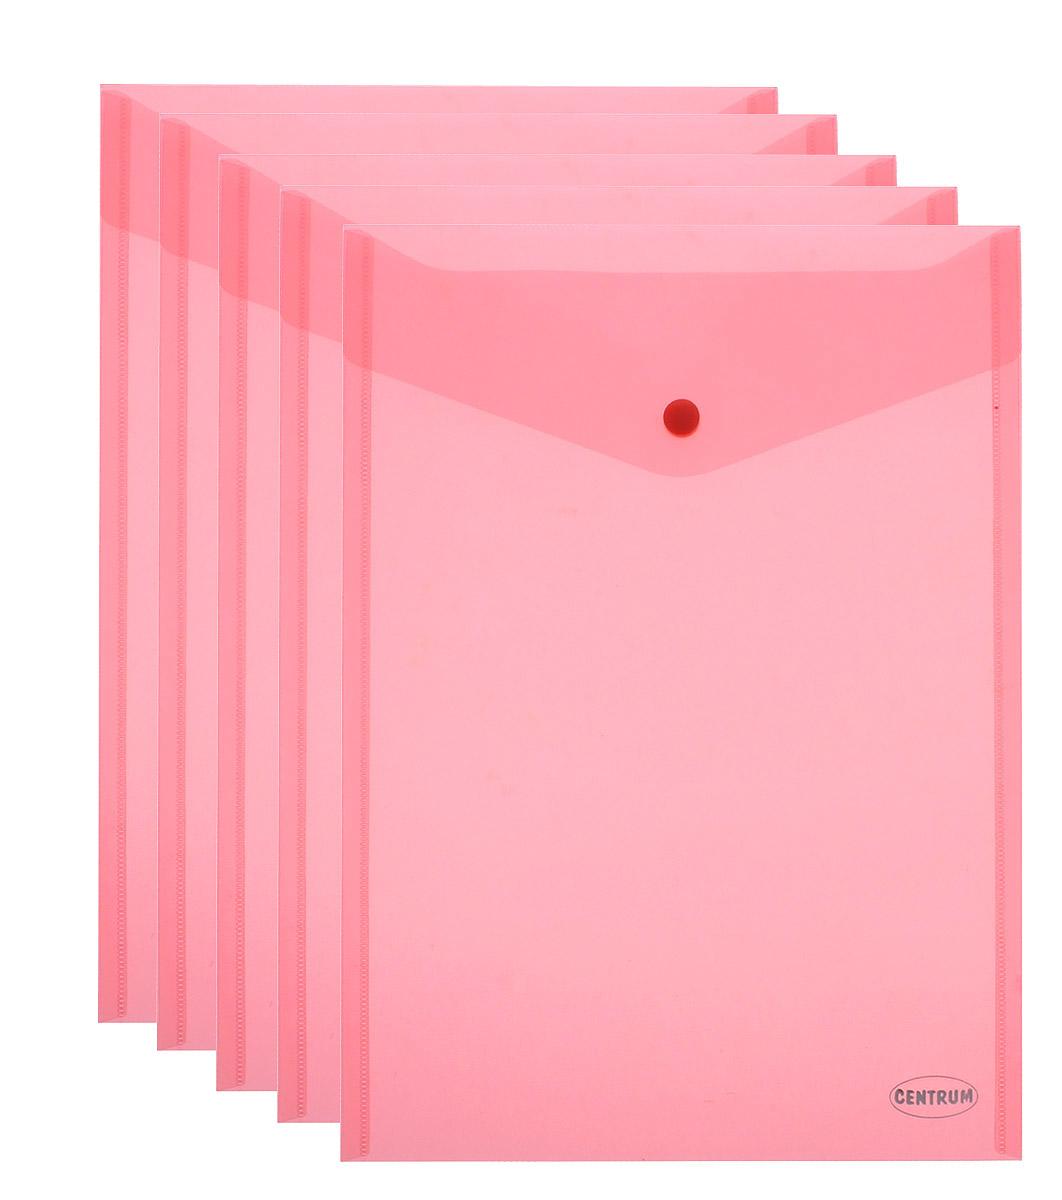 Centrum Папка-конверт на кнопке цвет коралловый формат А4 5 шт2010440Папка-конверт на кнопке Centrum - это удобный и функциональный офисный инструмент, предназначенный для хранения и транспортировки рабочих бумаг и документов формата А4. Папка изготовлена из полупрозрачного пластика, закрывается клапаном на кнопке. Вместимость папки - 250 листов. В комплект входят 5 папок разных цветов формата A4. Папка-конверт - это незаменимый атрибут для студента, школьника, офисного работника. Такая папка надежно сохранит ваши документы и сбережет их от повреждений, пыли и влаги.